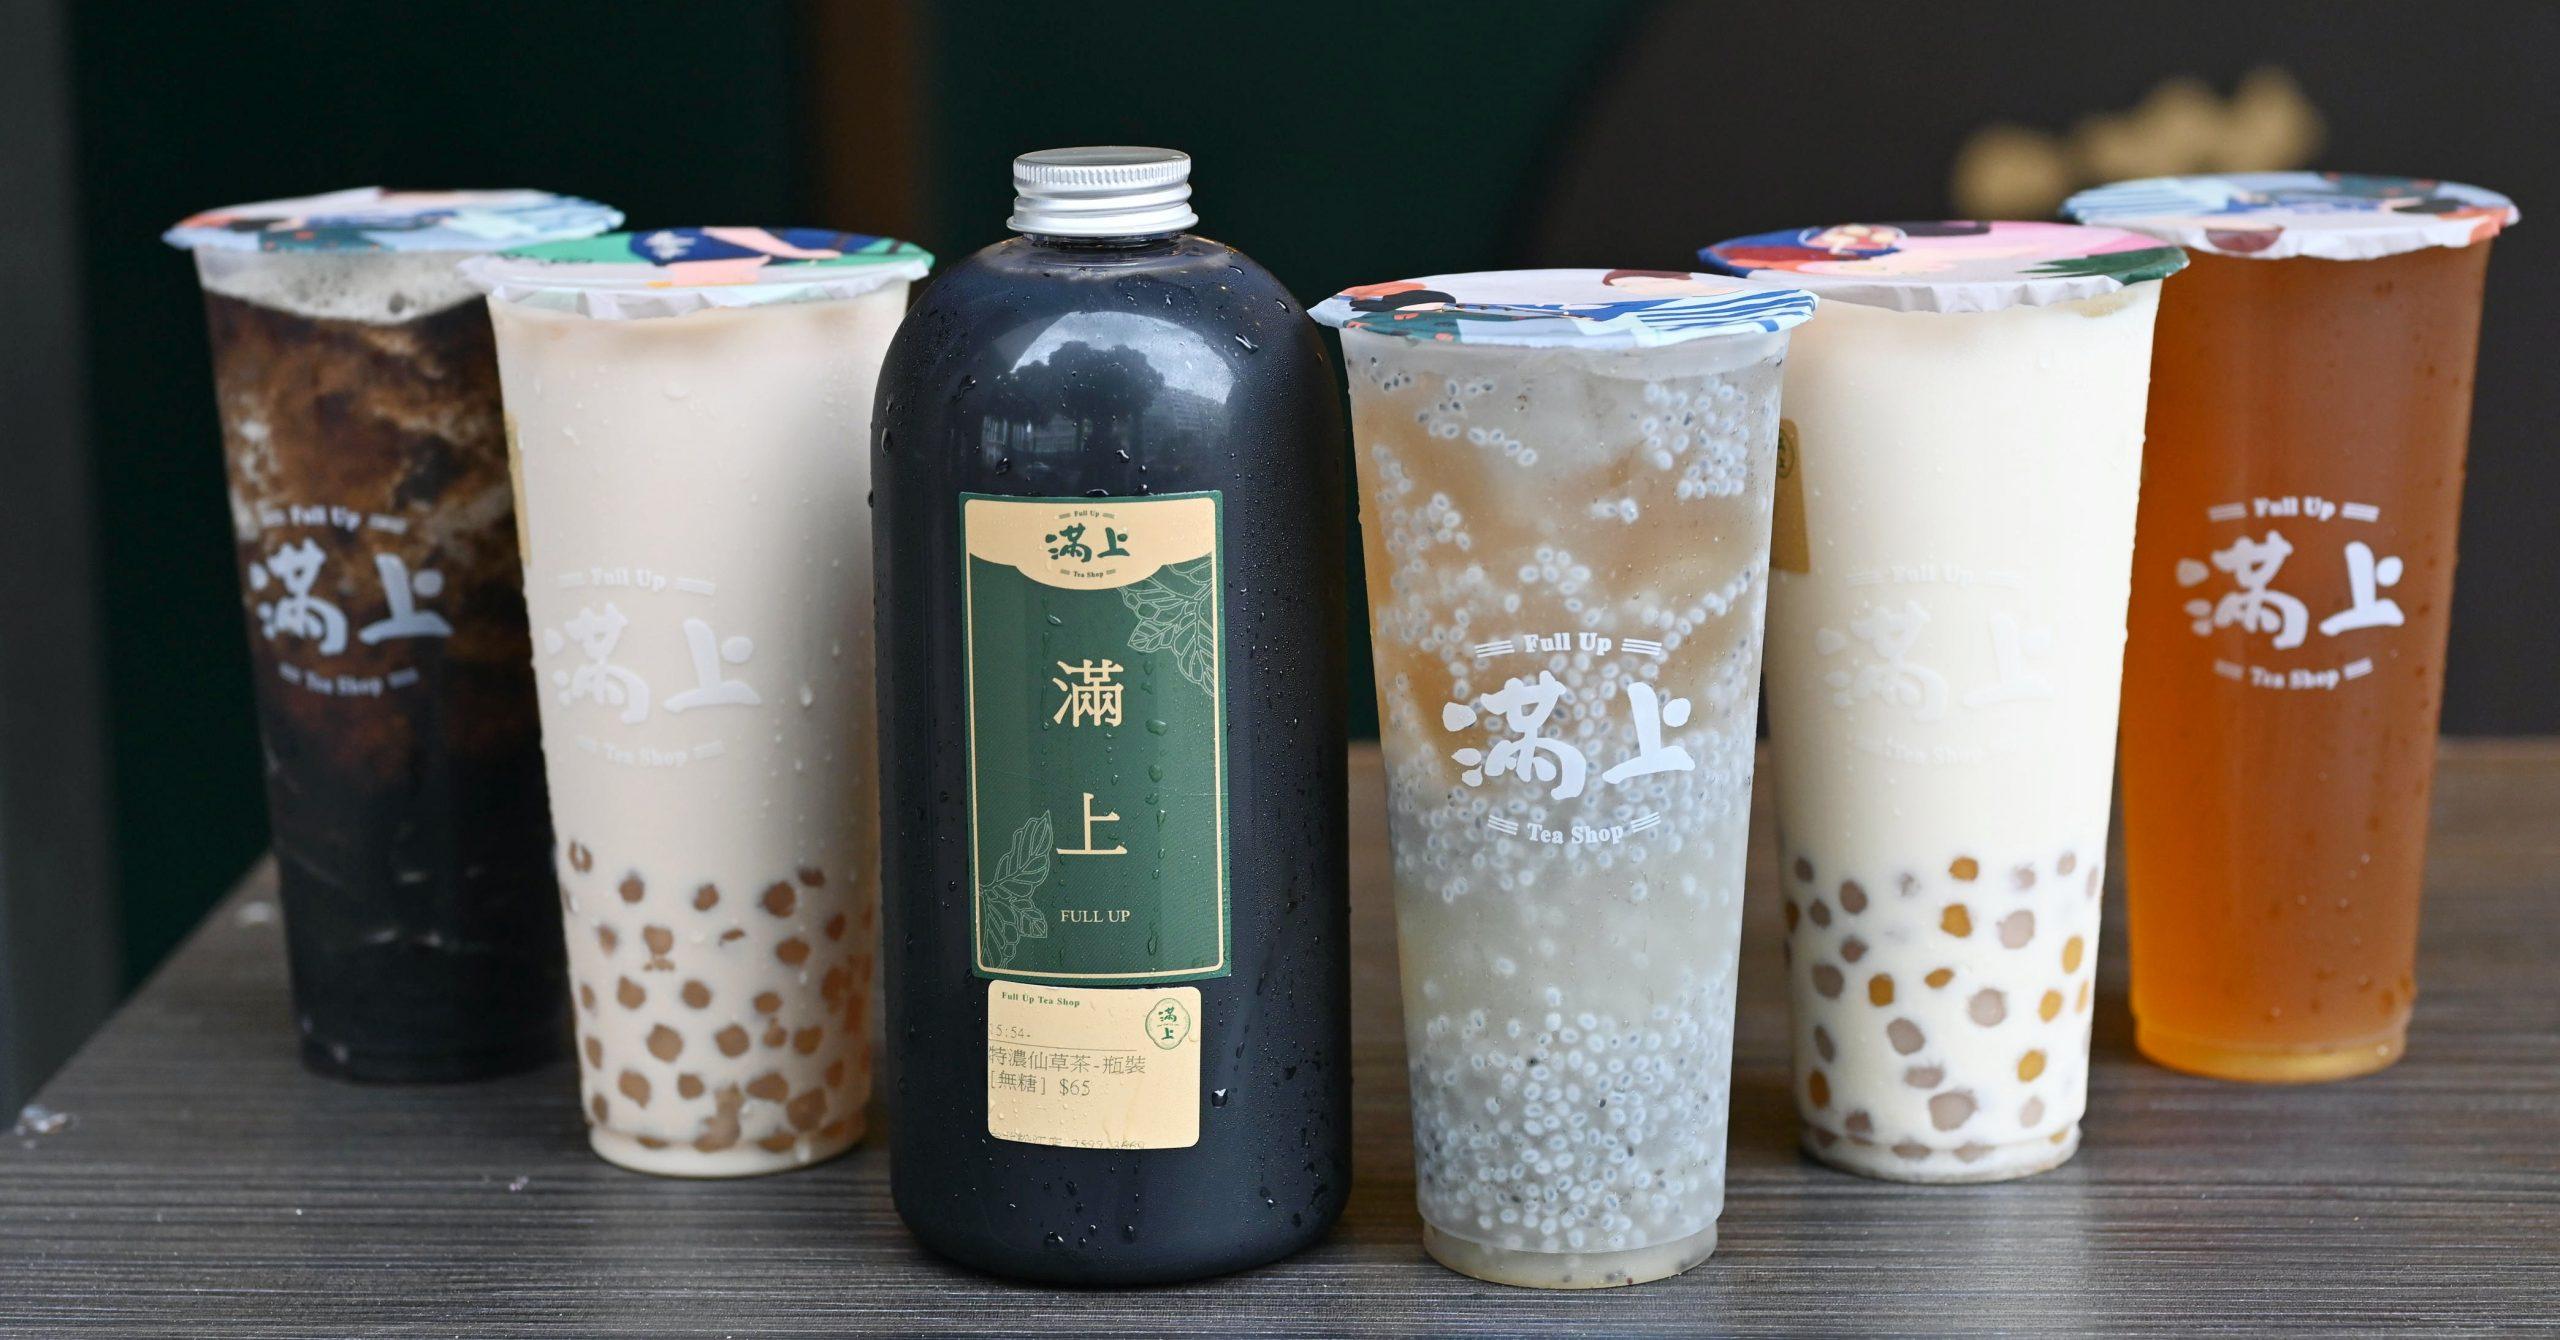 今日熱門文章:【飲料推薦】滿上仙草茶飲專賣店,滿上仙草茶飲什麼好喝? (菜單)